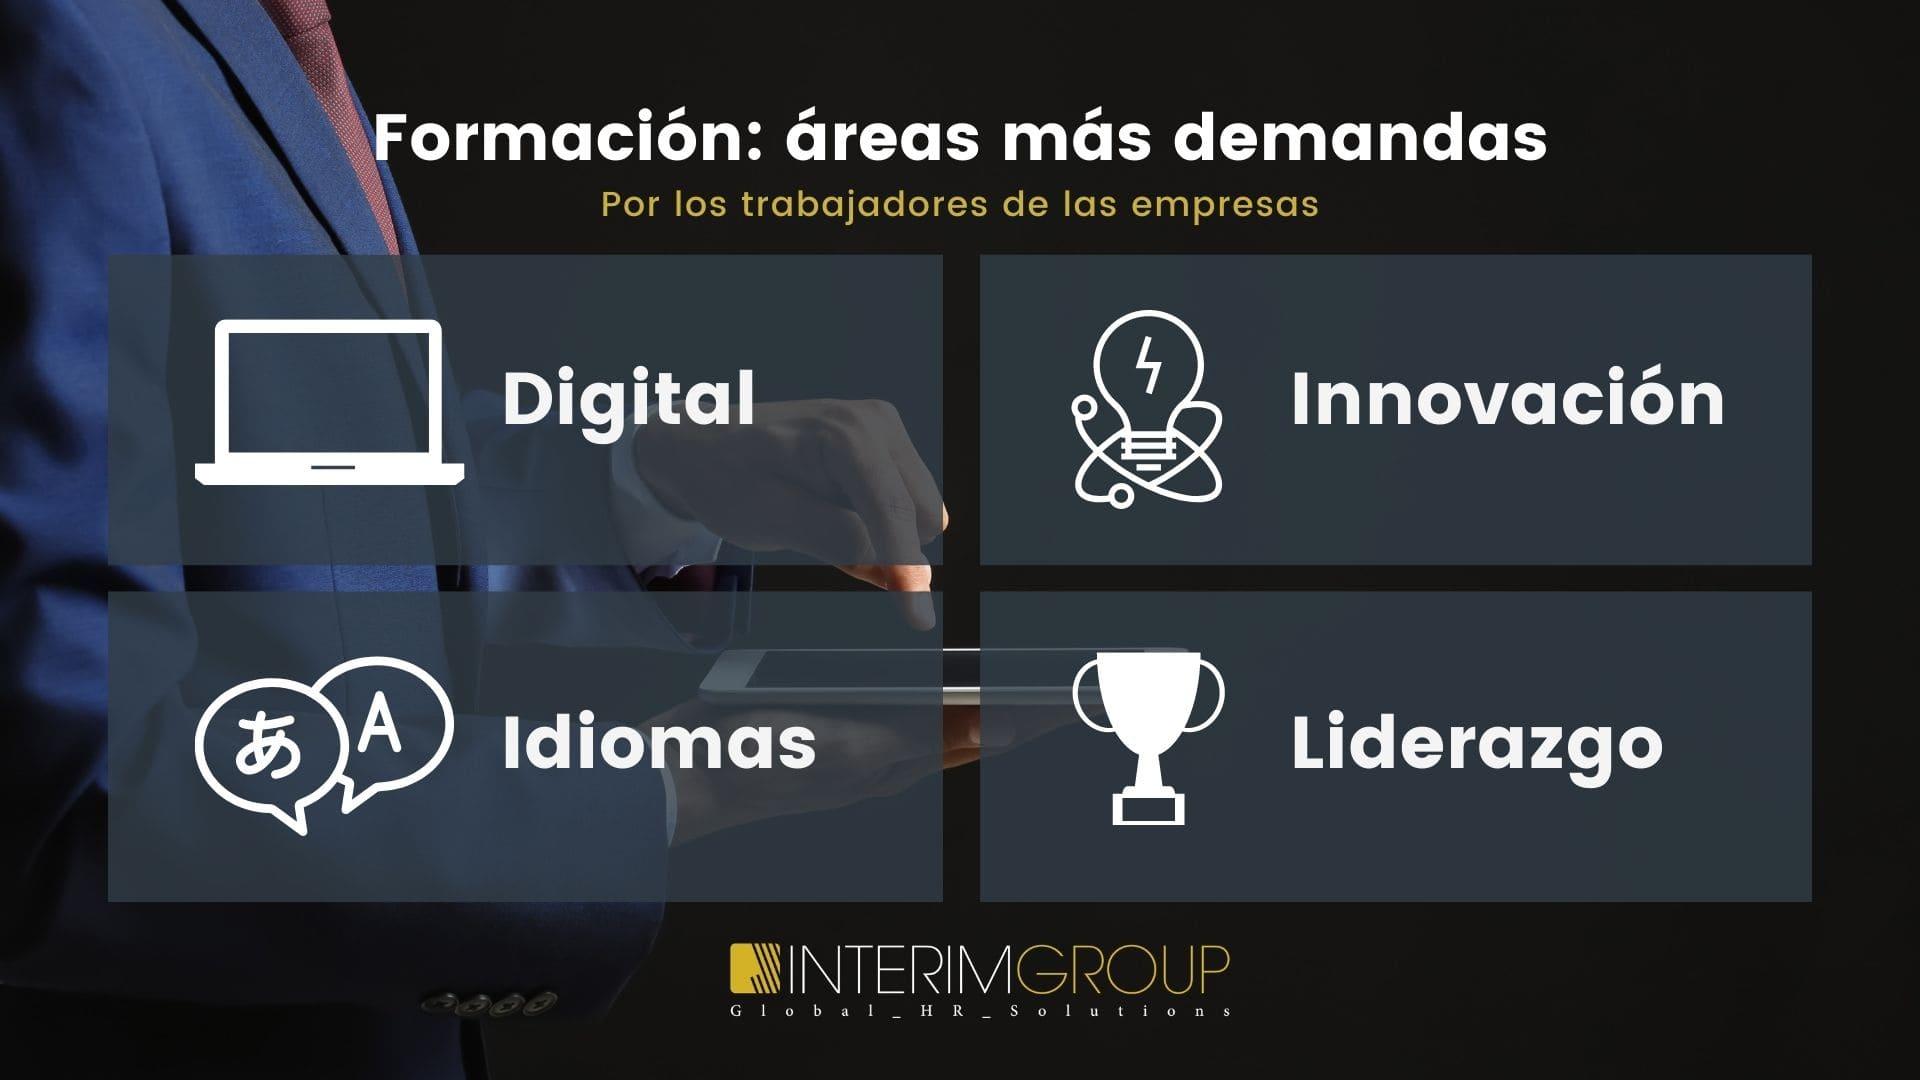 Formación-empresas_areas_INTERIM-GROUP